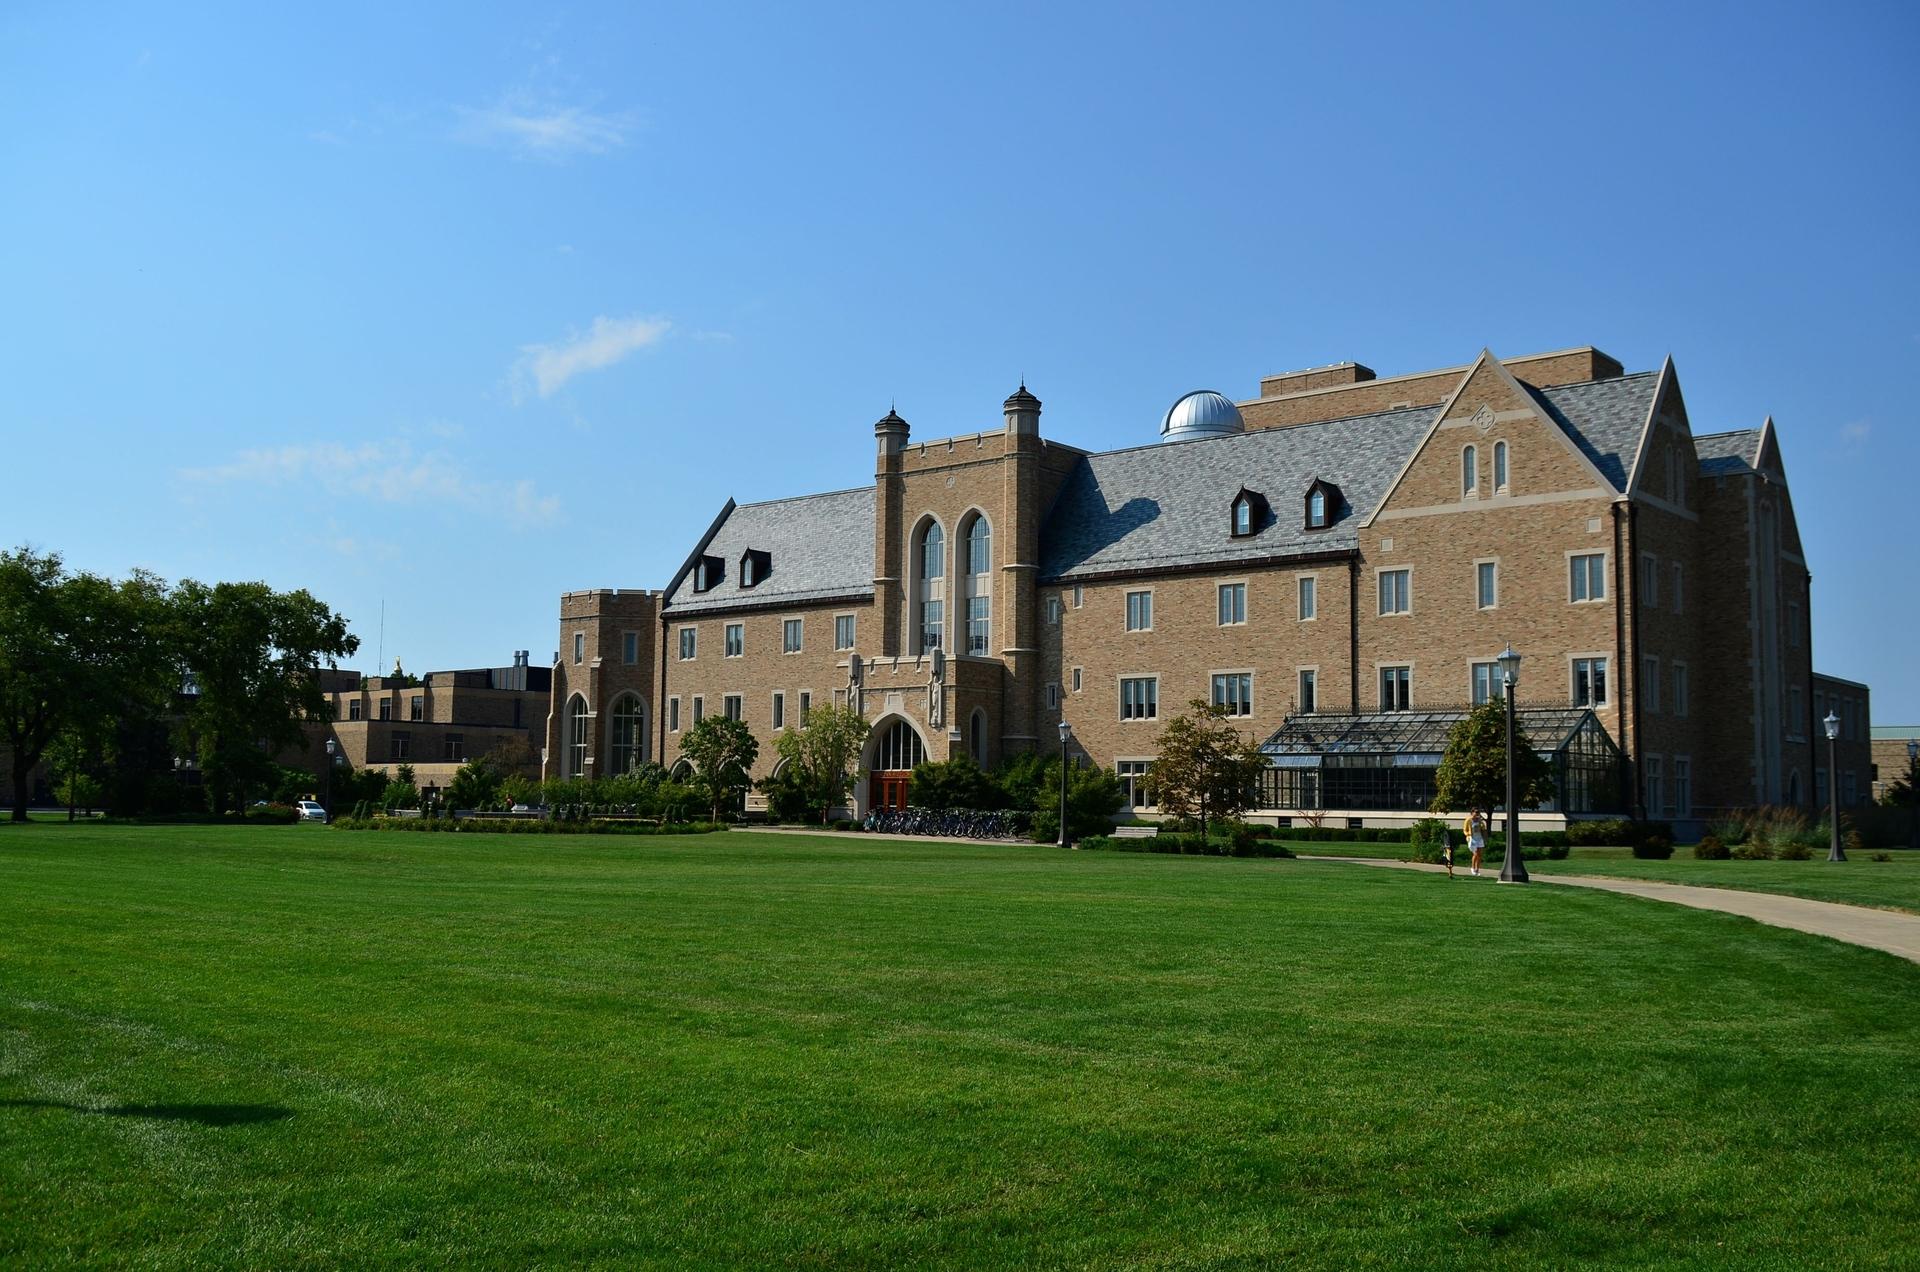 美国圣母大学:我不是巴黎圣母院,但我有着和巴黎圣母院相似的历史!